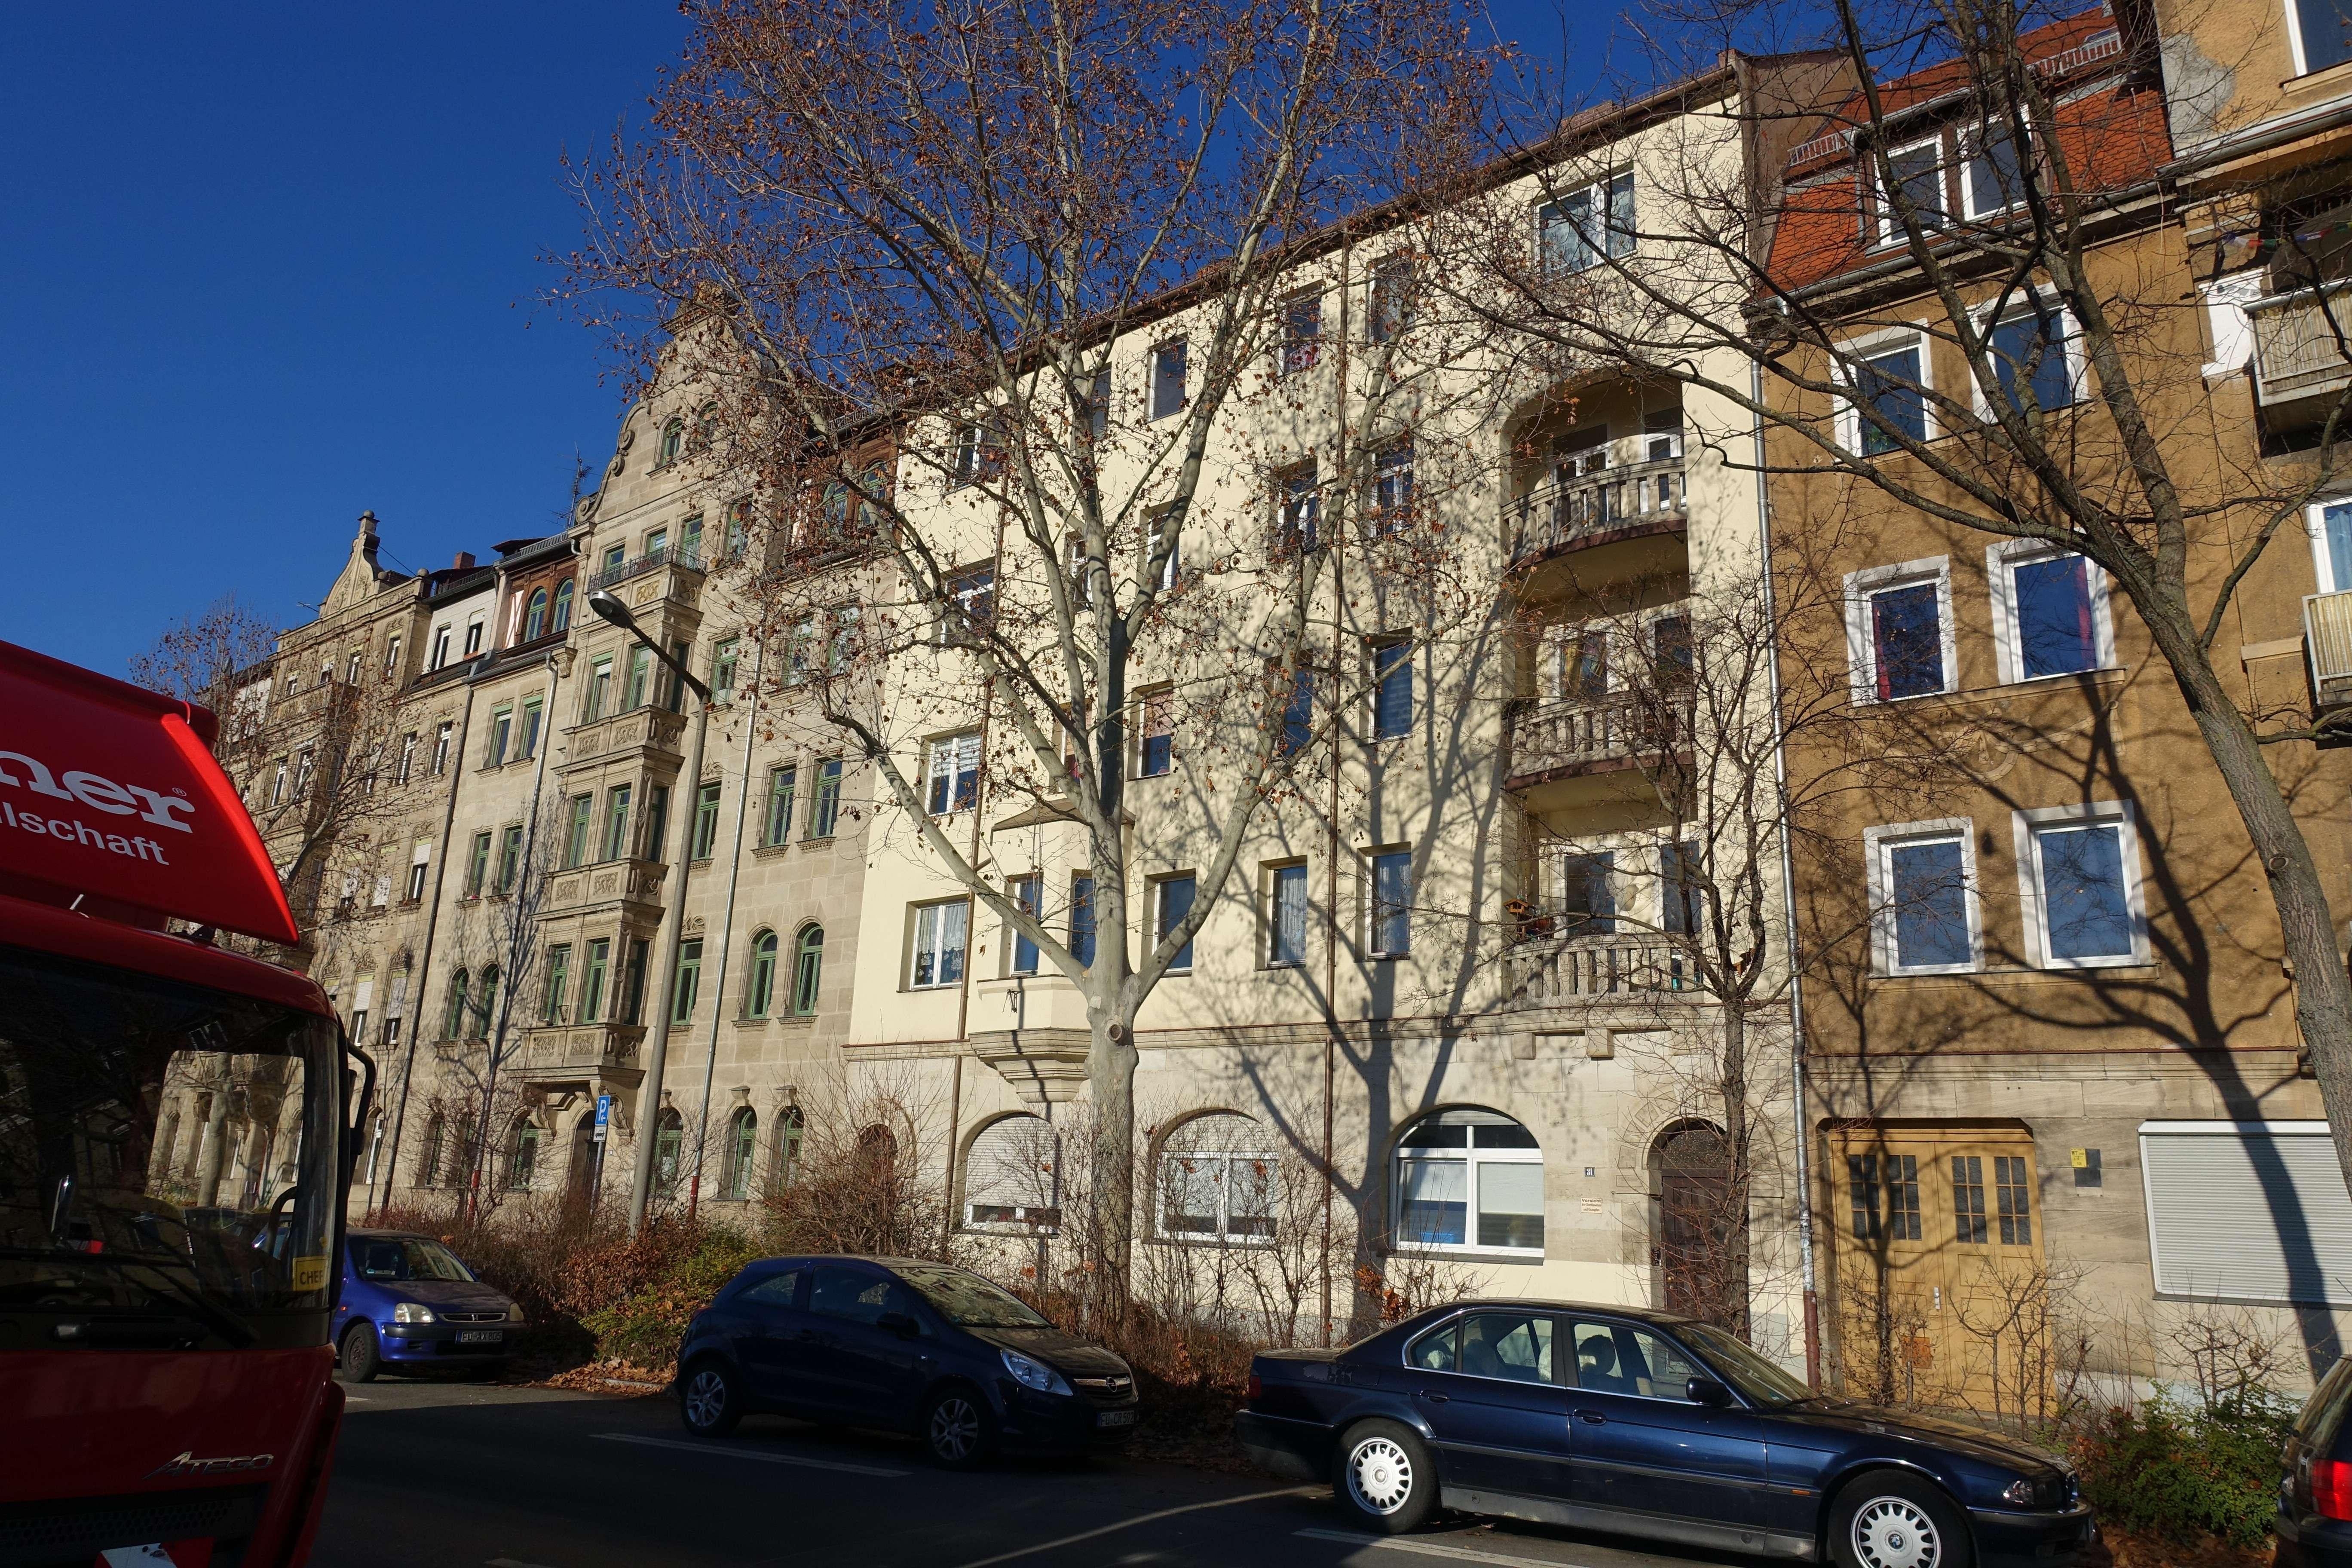 3 Zimmer Wohnung mit 2 Balkonen in der Hornschuchpromenade 31 in